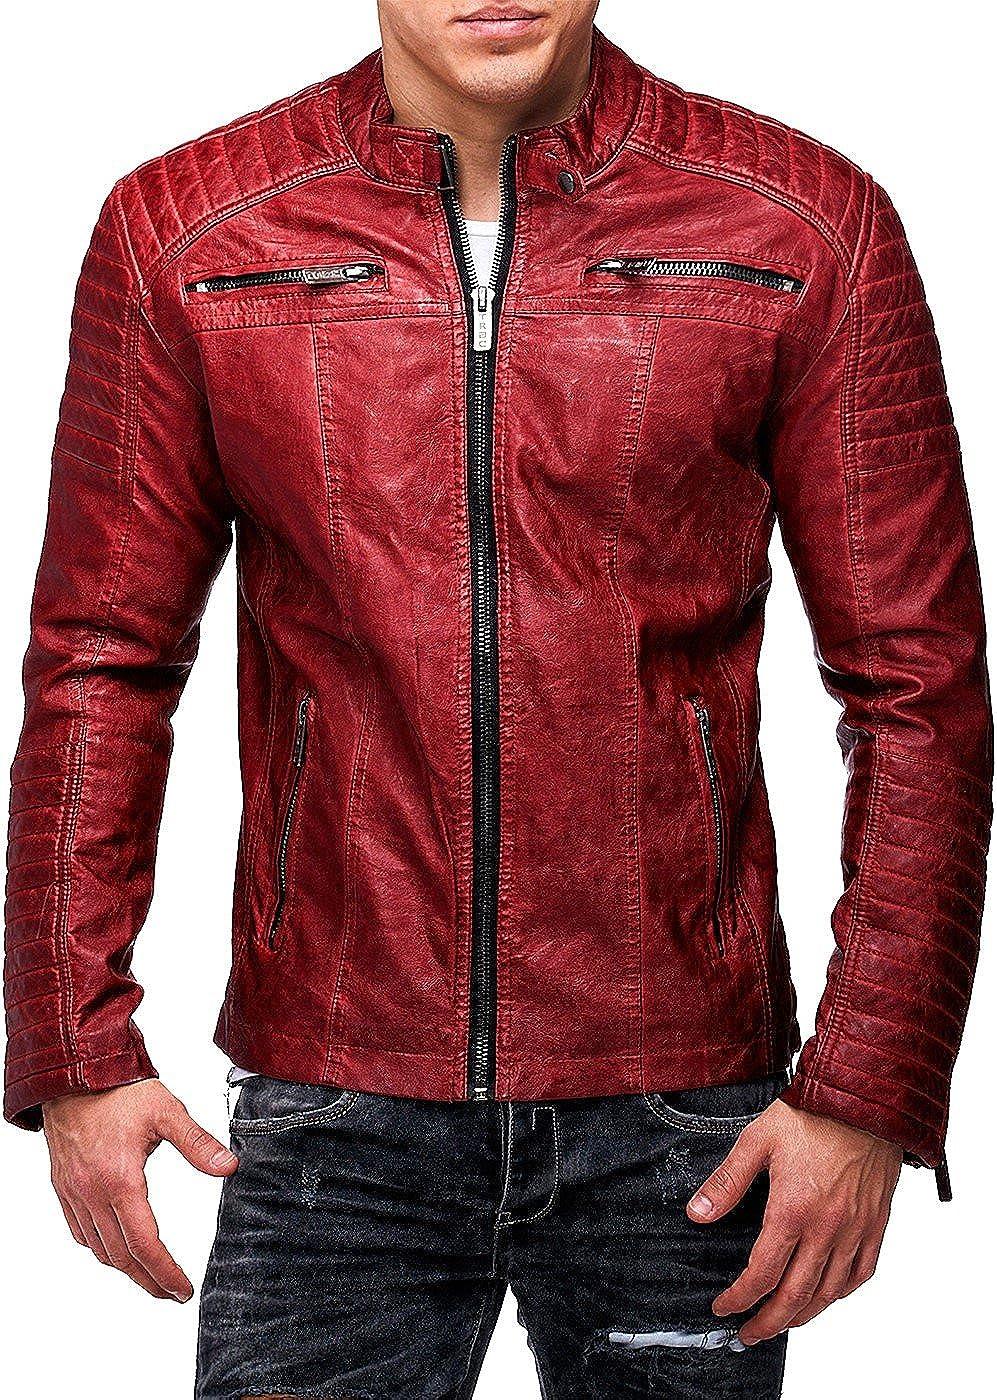 REDBRIDGE Hombre de cuero PU–Chaqueta de piel chaqueta Bike Step by Cipo Baxx Casual streetwear